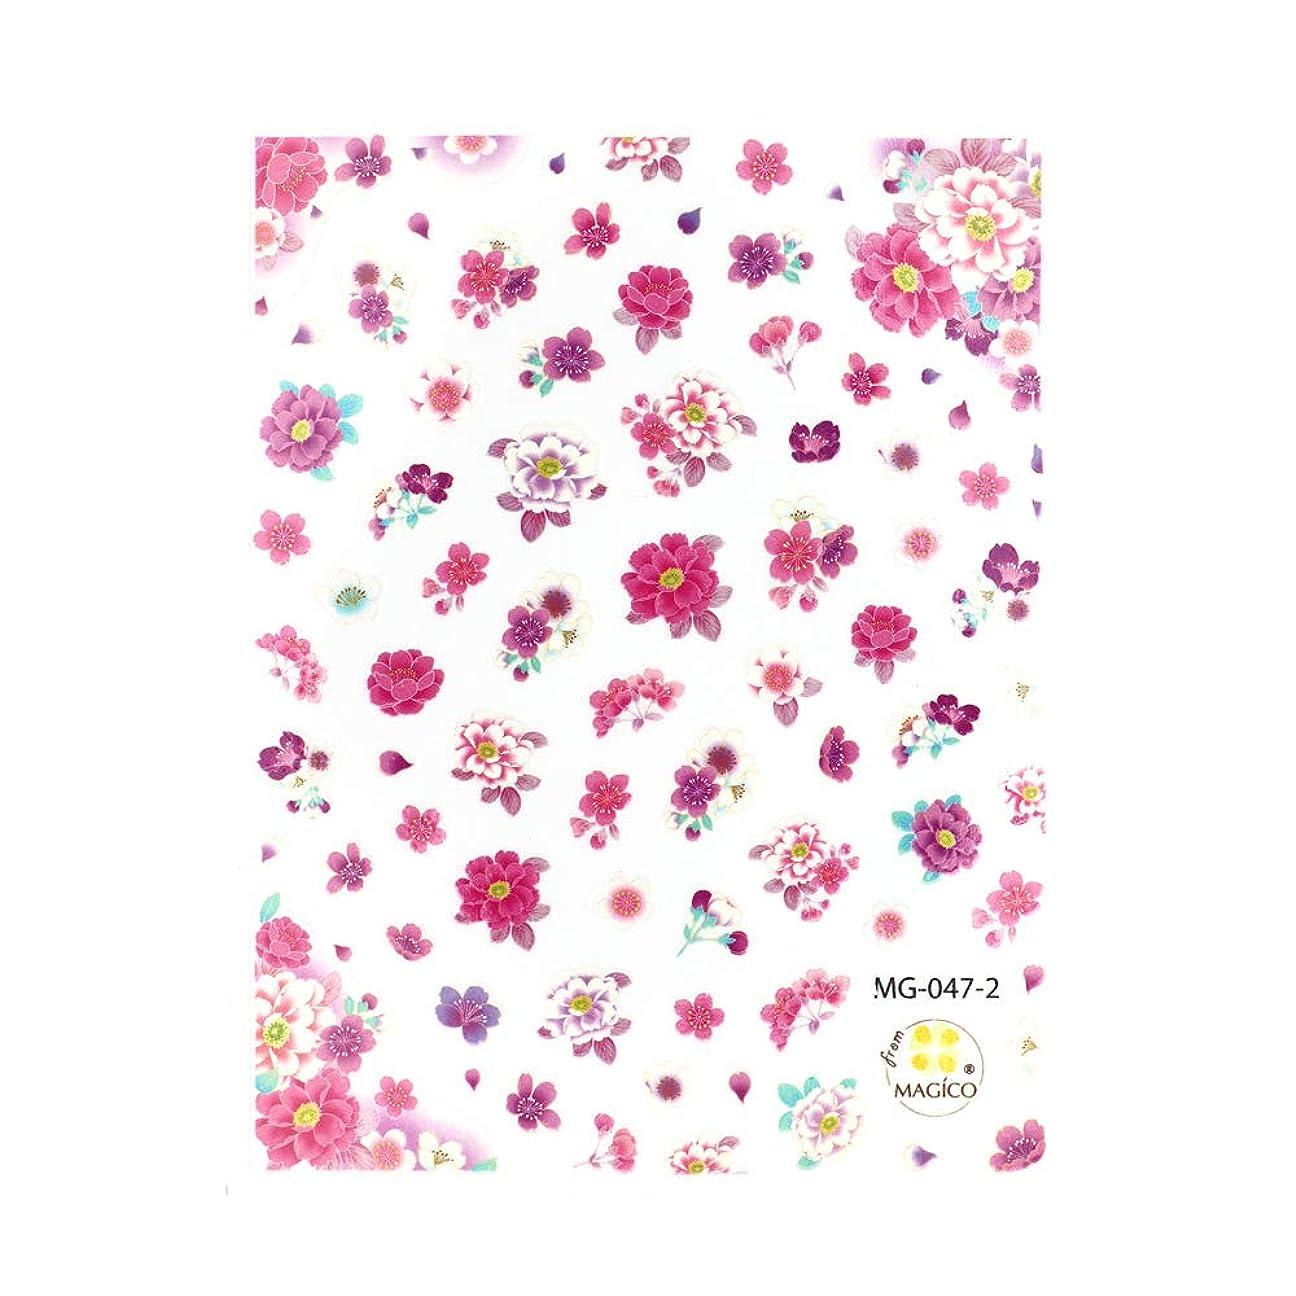 抜粋必要とする汚染されたirogel イロジェル ネイルシール 伝統和花シール 花柄 フラワー 和花 和 和装 浴衣